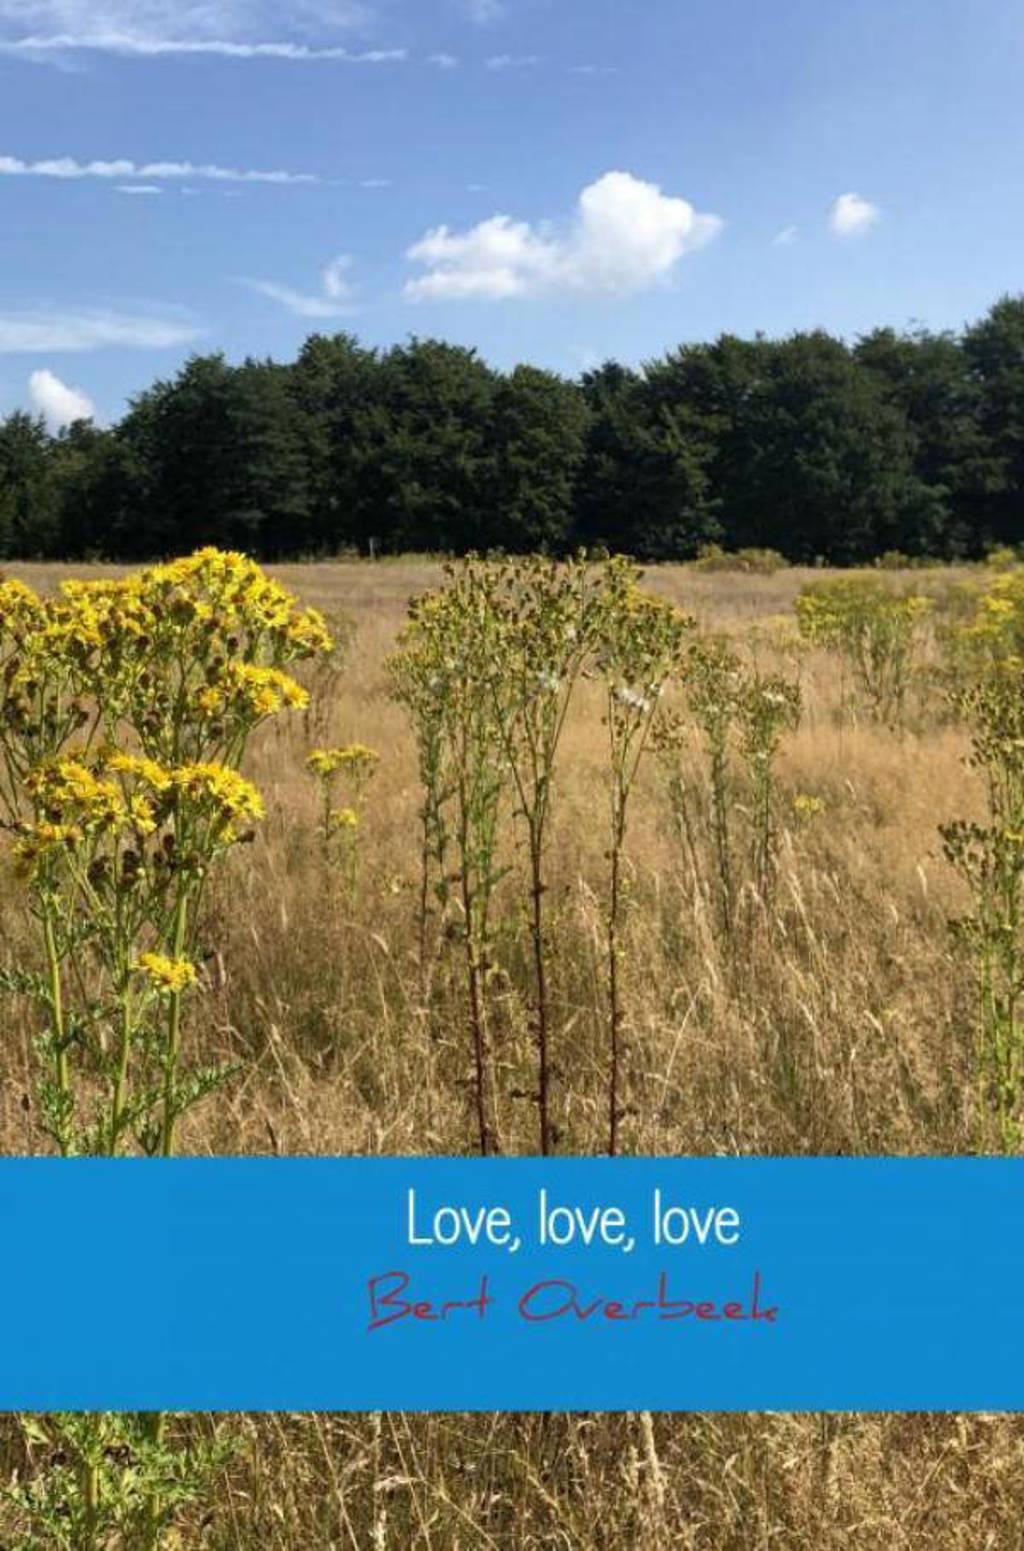 Love, love, love - Bert Overbeek